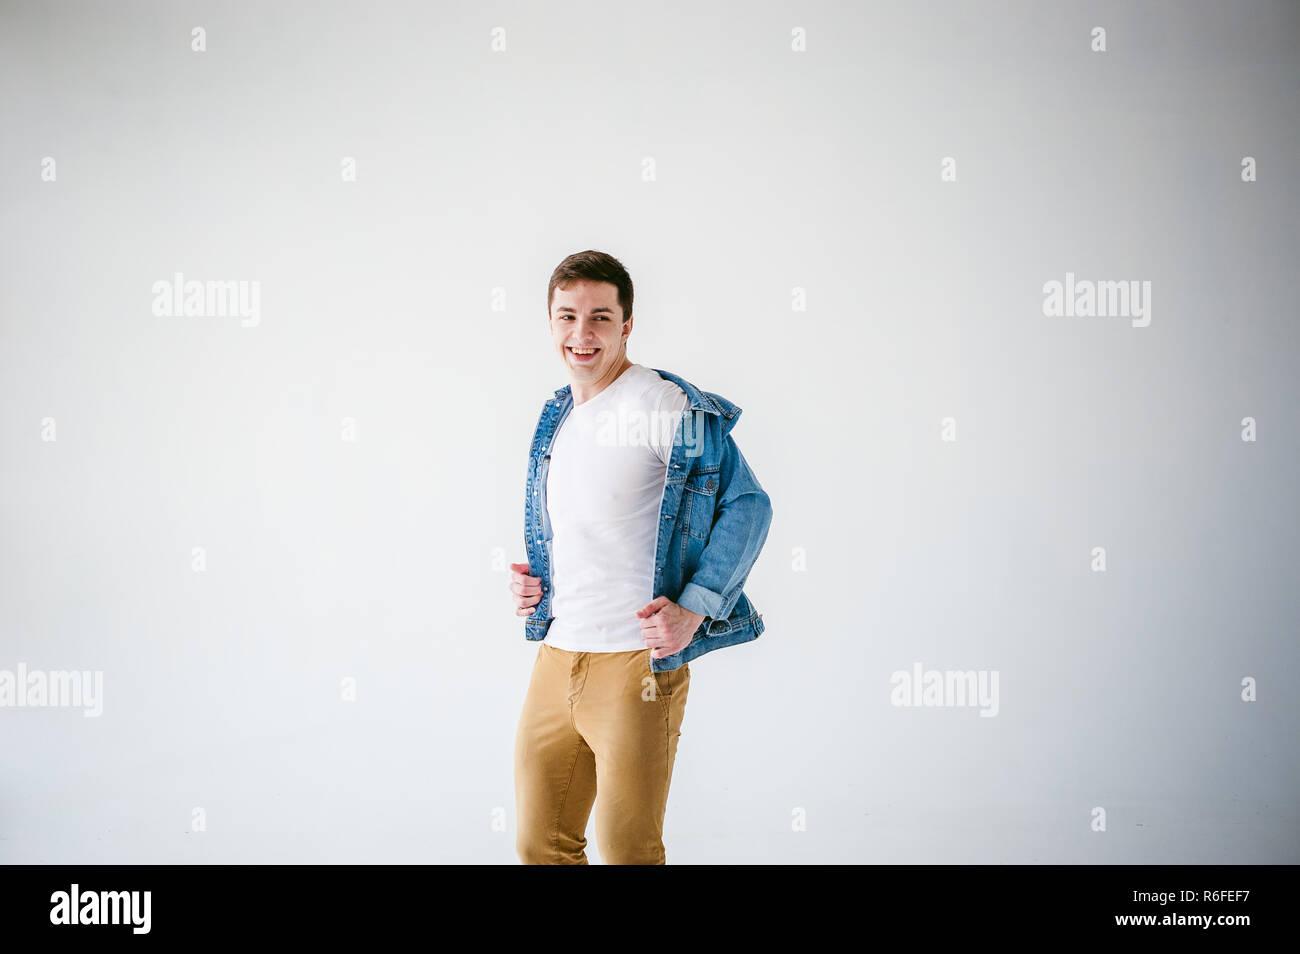 3e8b7f88c41 beau-jeune-homme-de-corps-du-sportif-habille-en-veste-bleu-jeans-dans-le -style-de-la-vieille-ecole-et-t-shirt-blanc-avec-un-pantalon-brun-posant-sur-fond-  ...